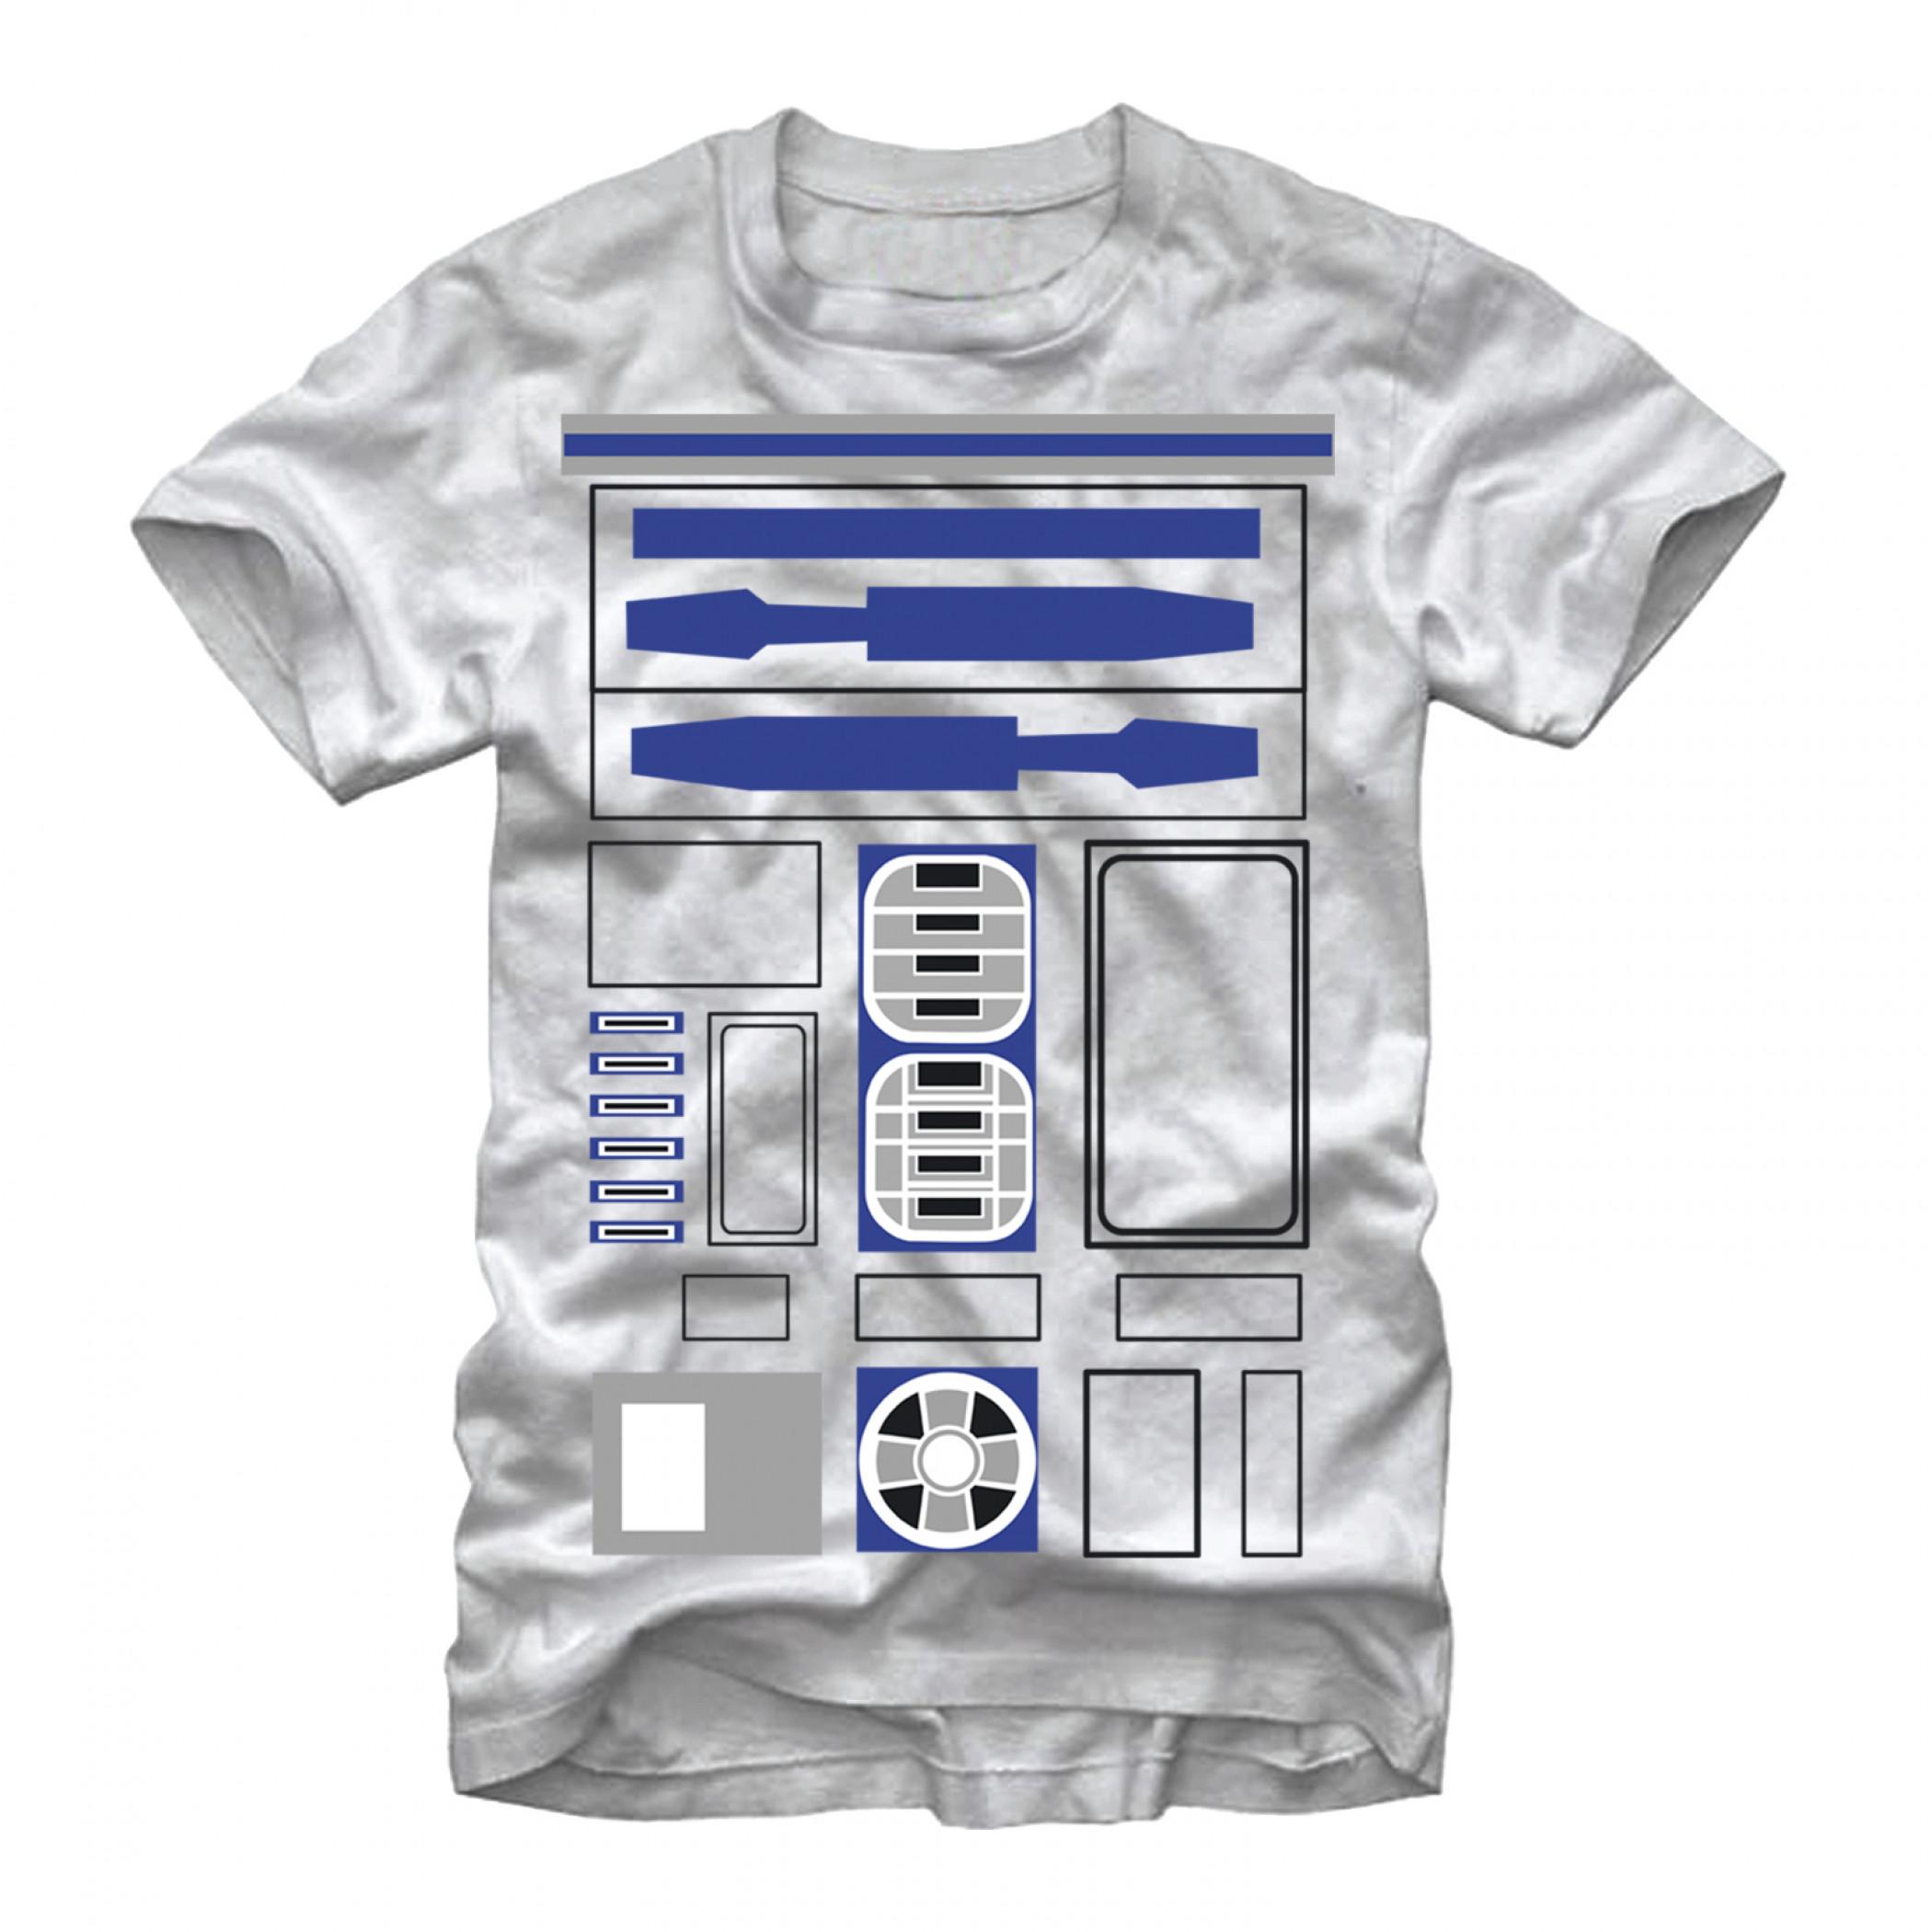 Star Wars R2-D2 Costume T-Shirt